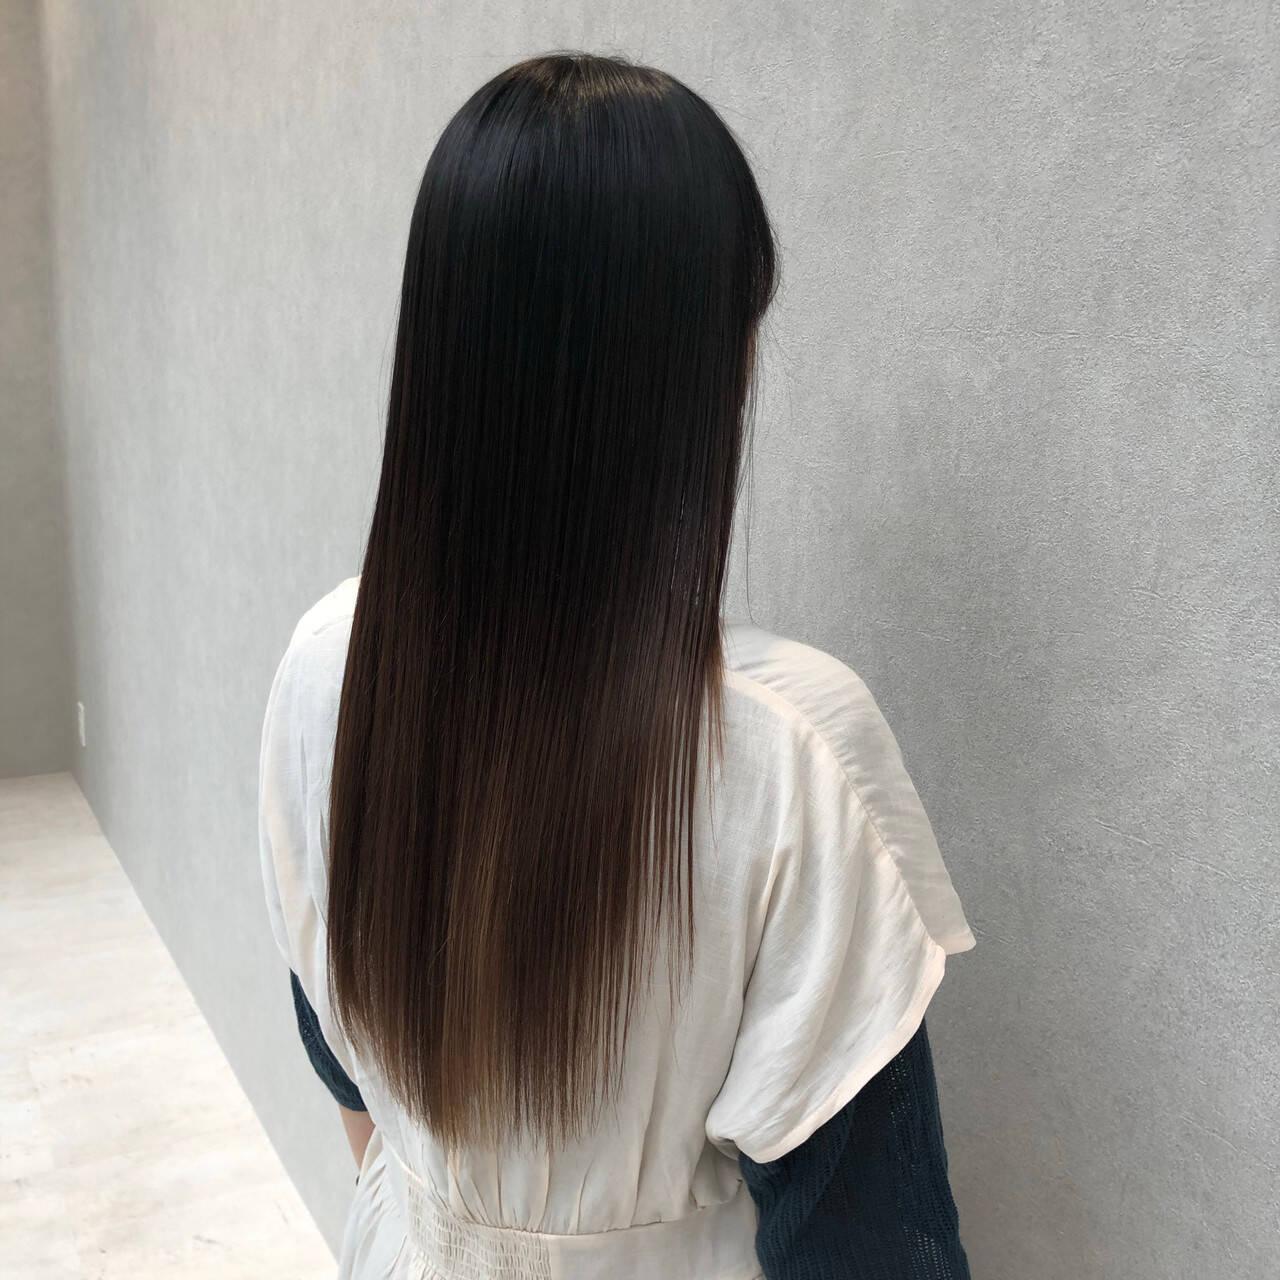 髪質改善トリートメント 髪質改善 ロング 最新トリートメントヘアスタイルや髪型の写真・画像